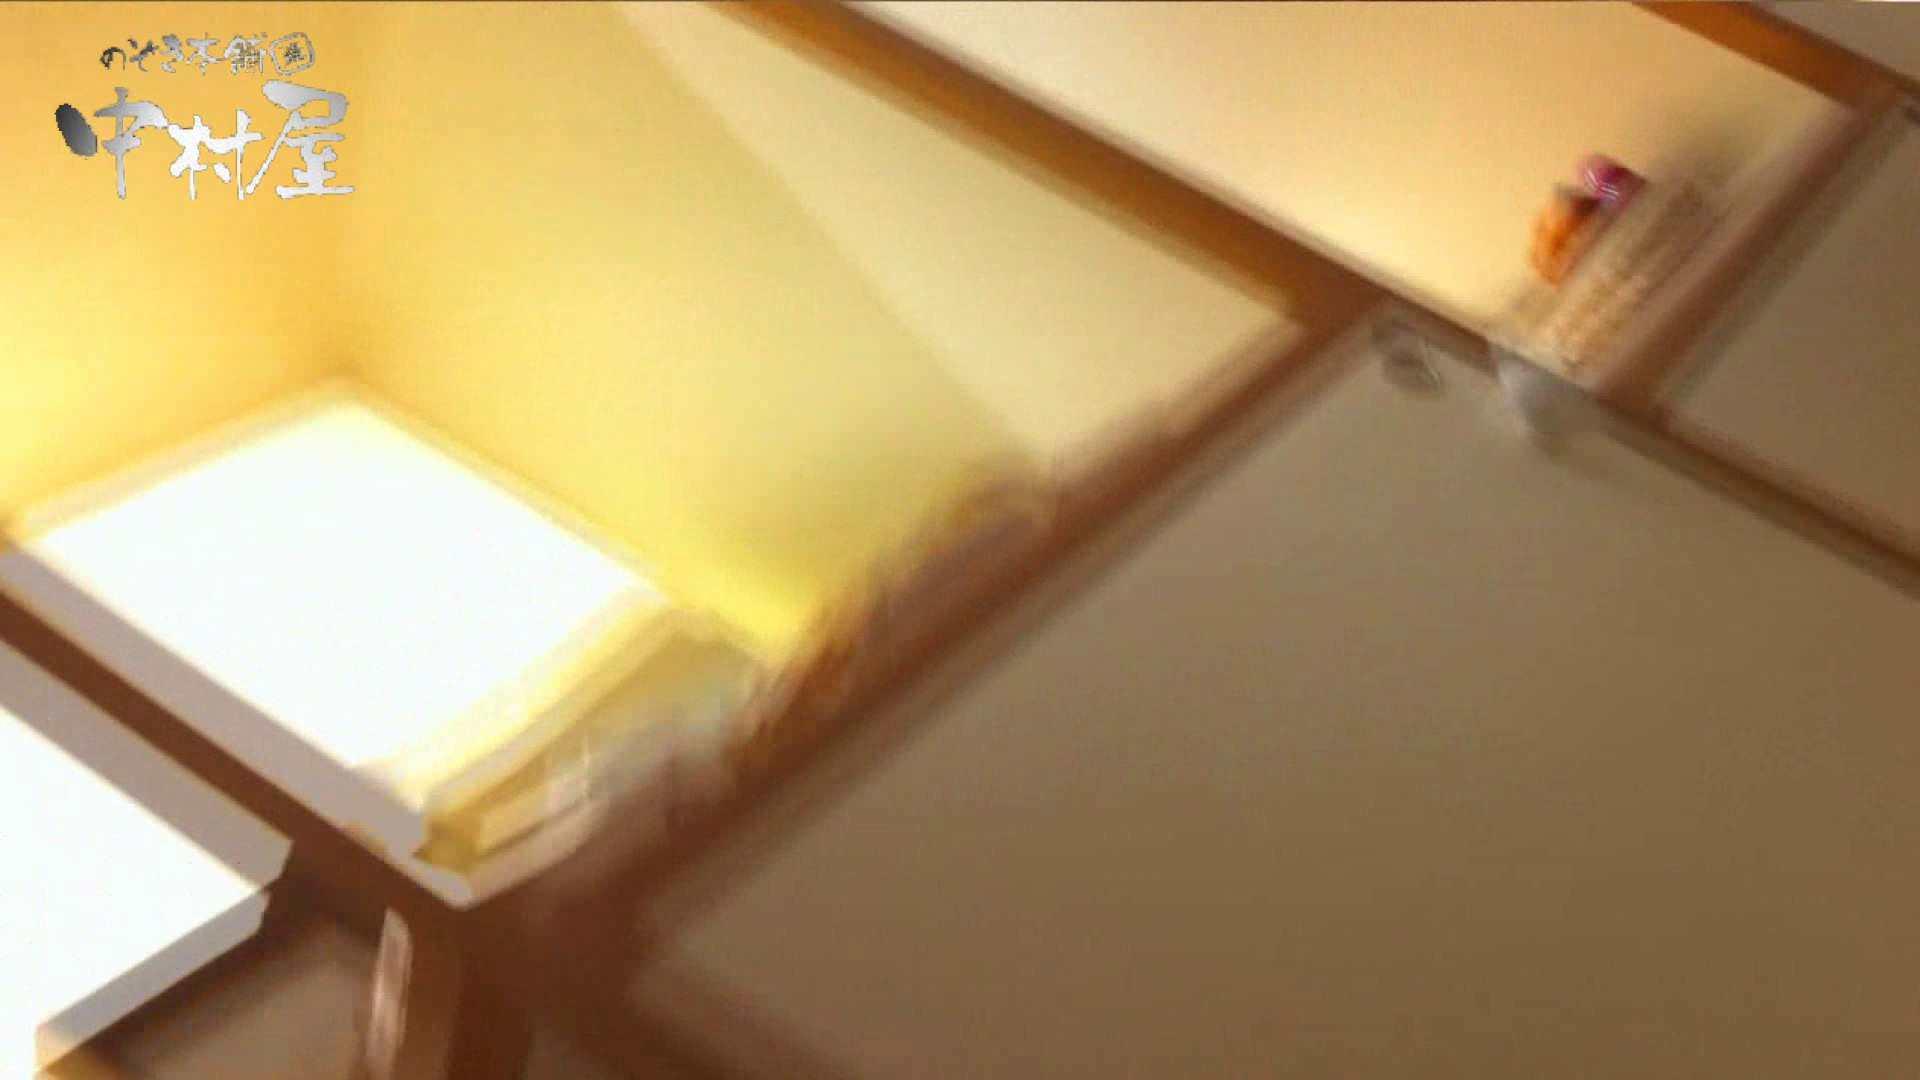 vol.65 美人アパレル胸チラ&パンチラ ムッチリ感がいい感じ花がらパンツさん チラ | 胸チラ  95PIX 29